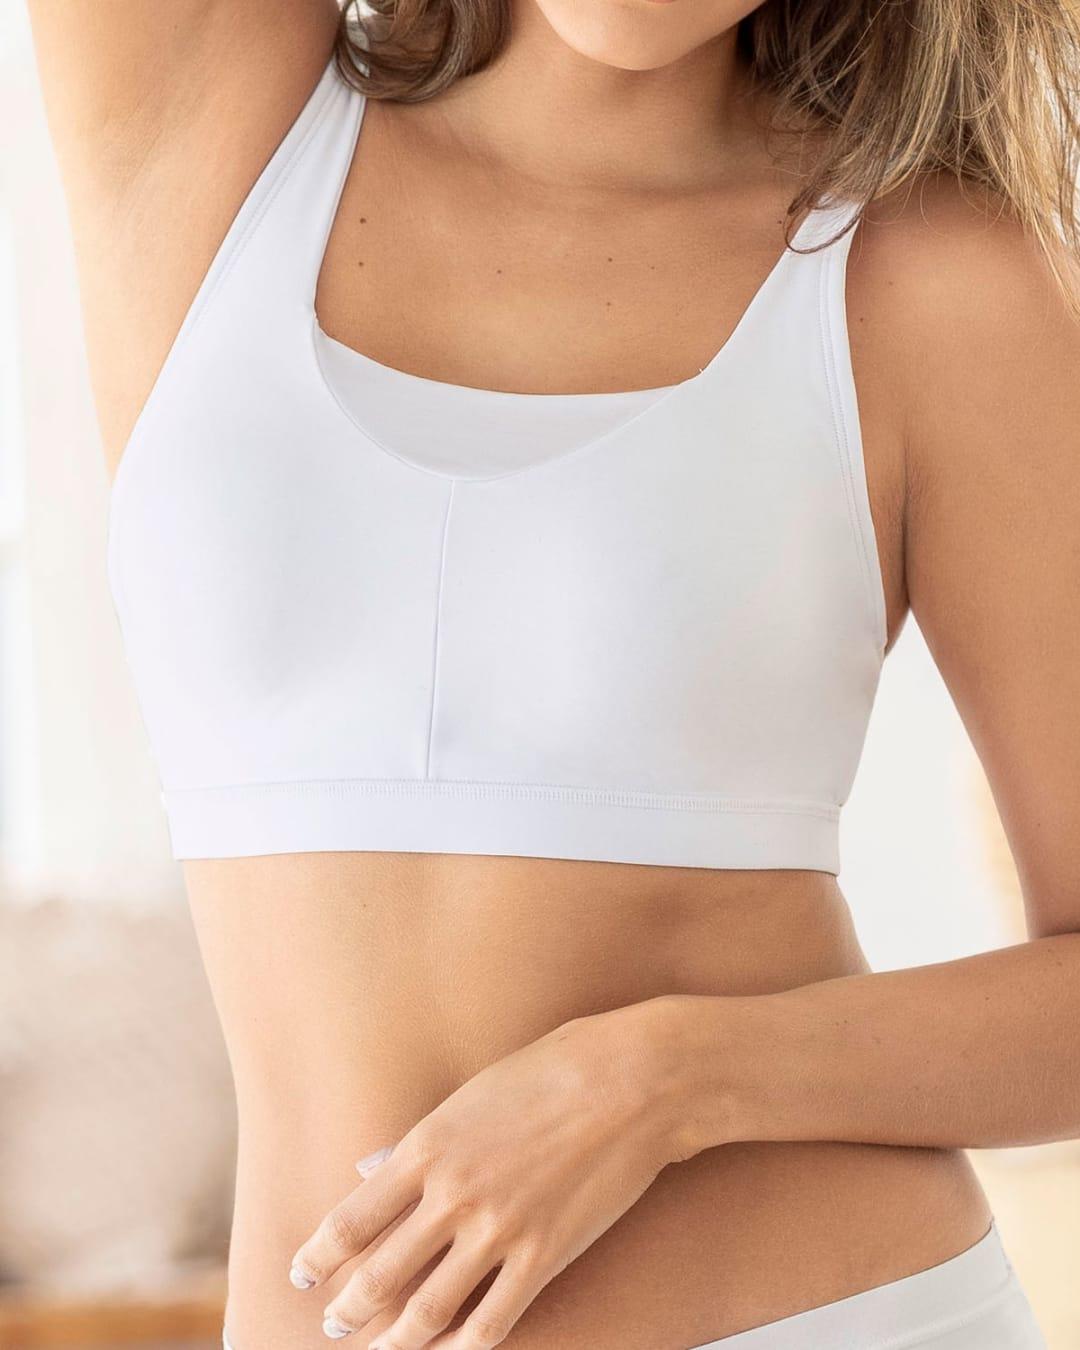 Bewerten brüste Mammographie, Röntgen